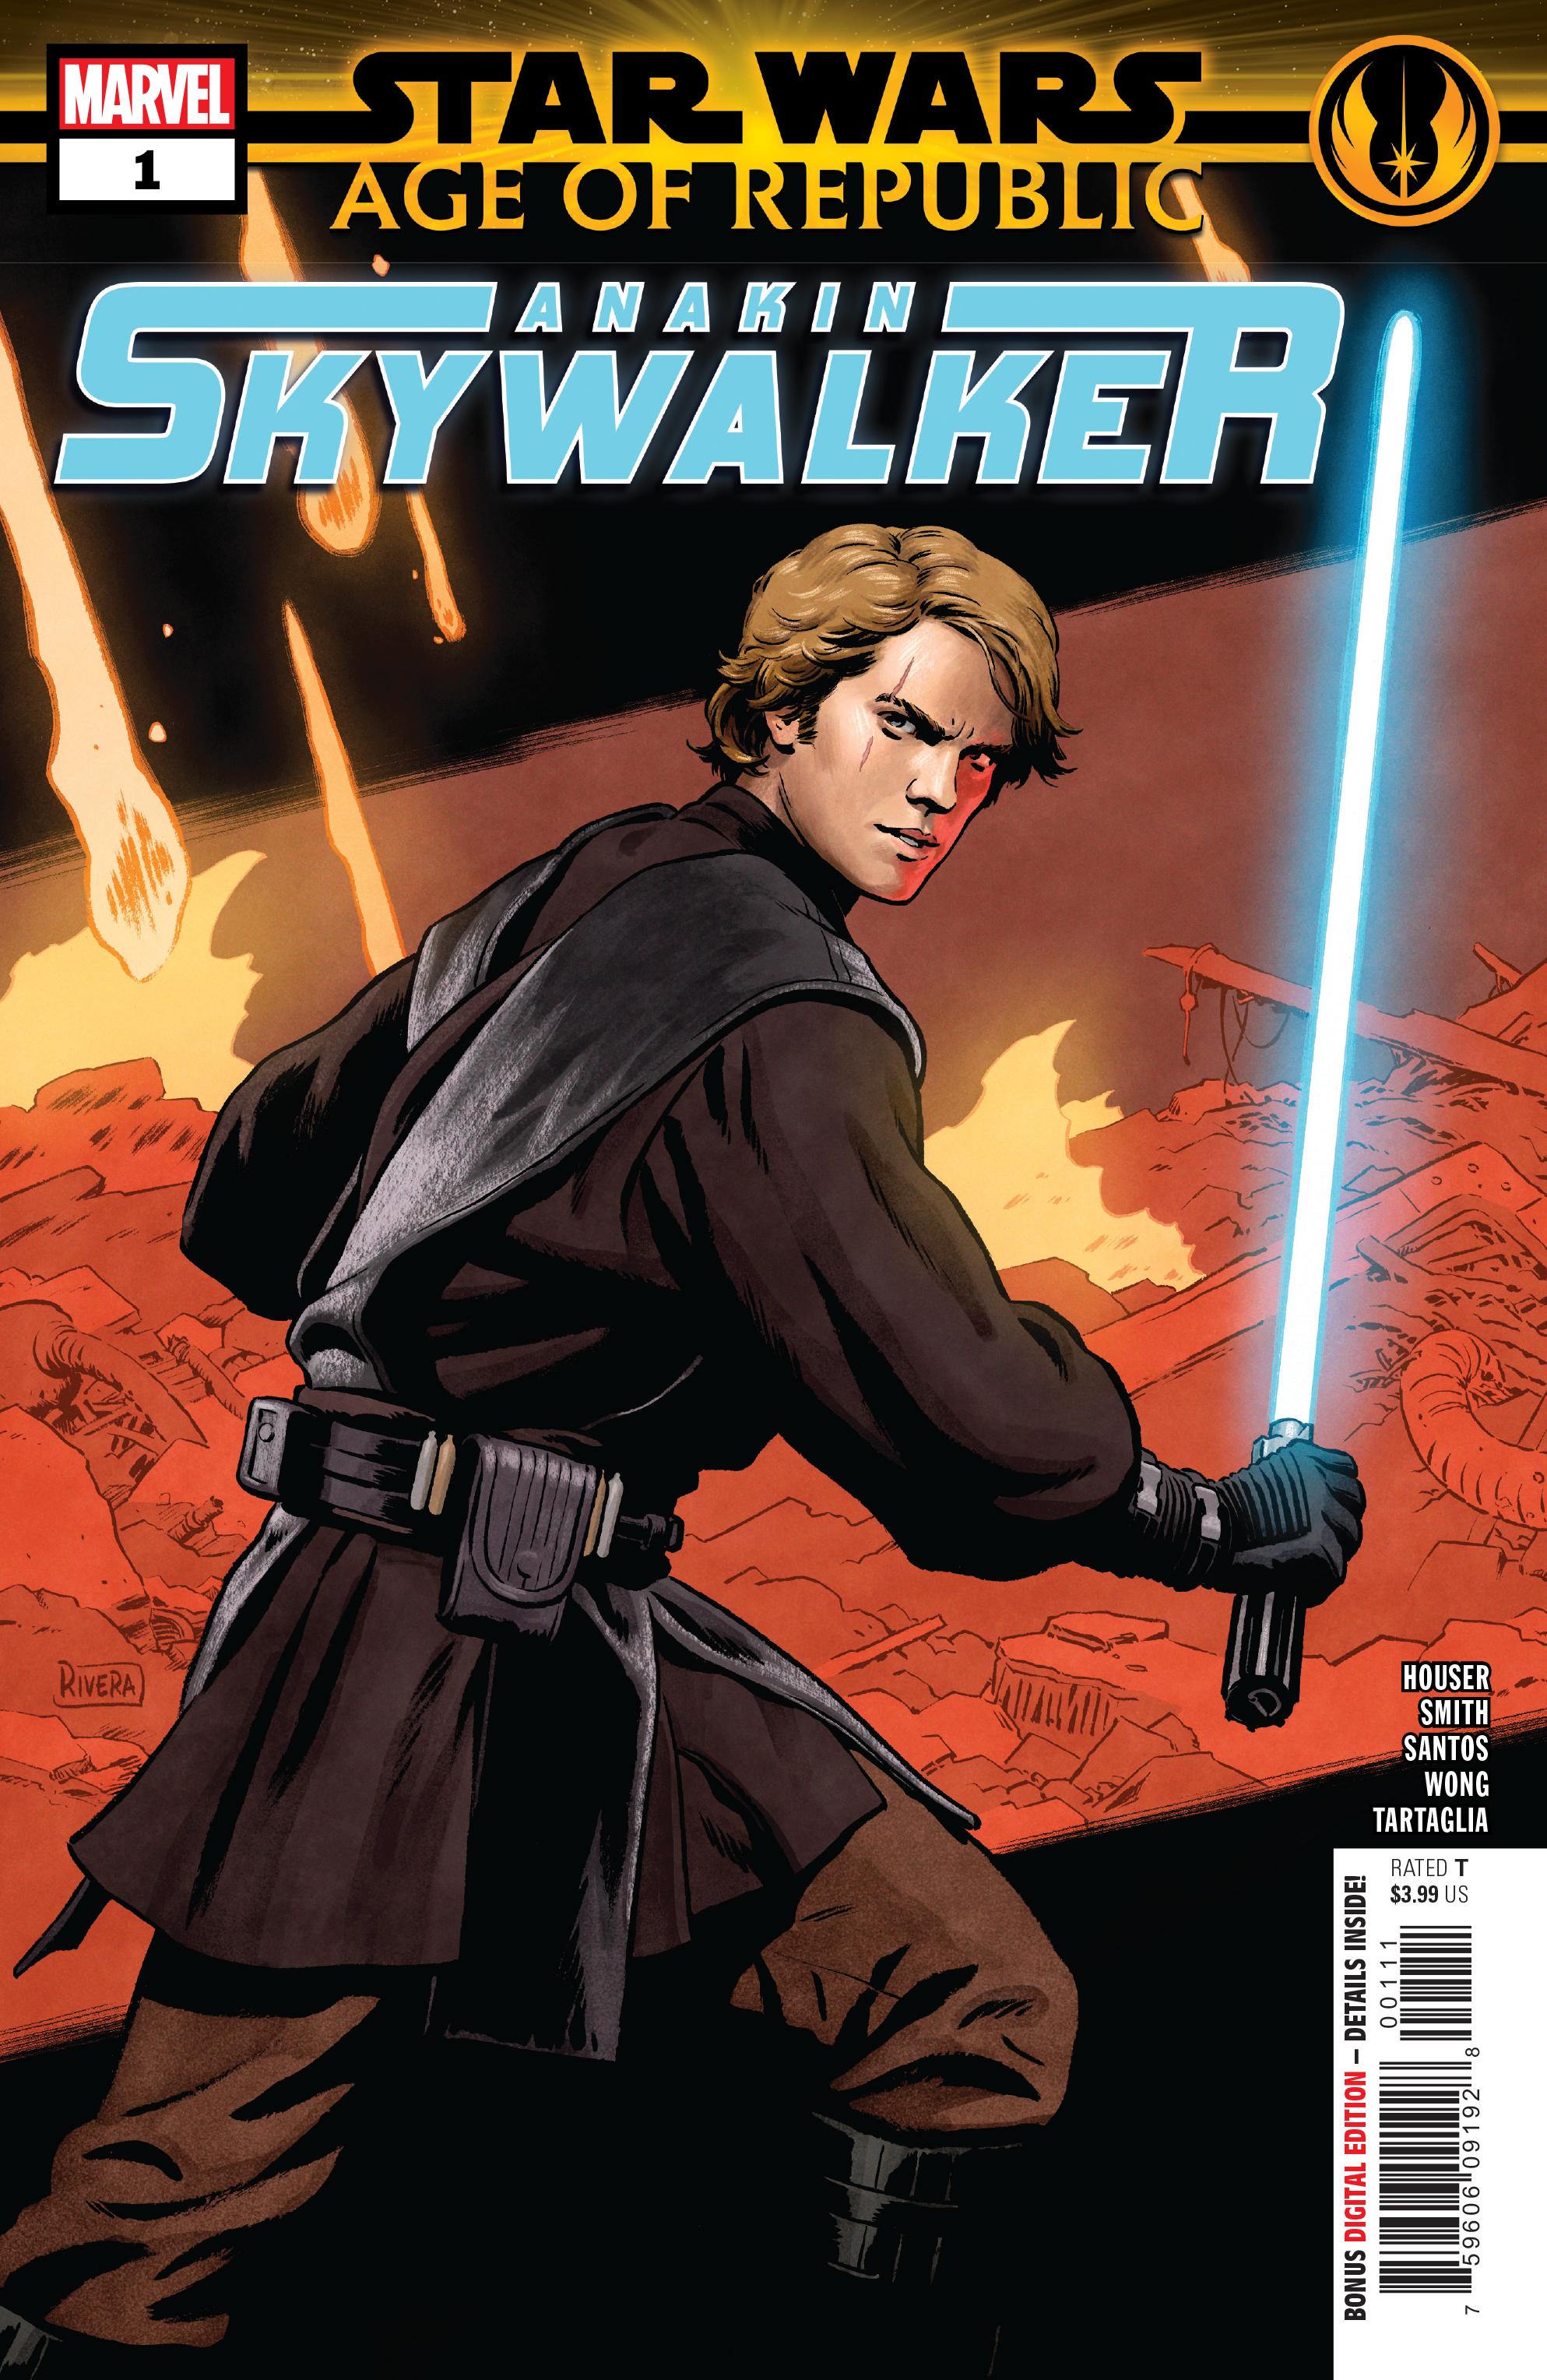 STAR WARS AOR ANAKIN SKYWALKER #1